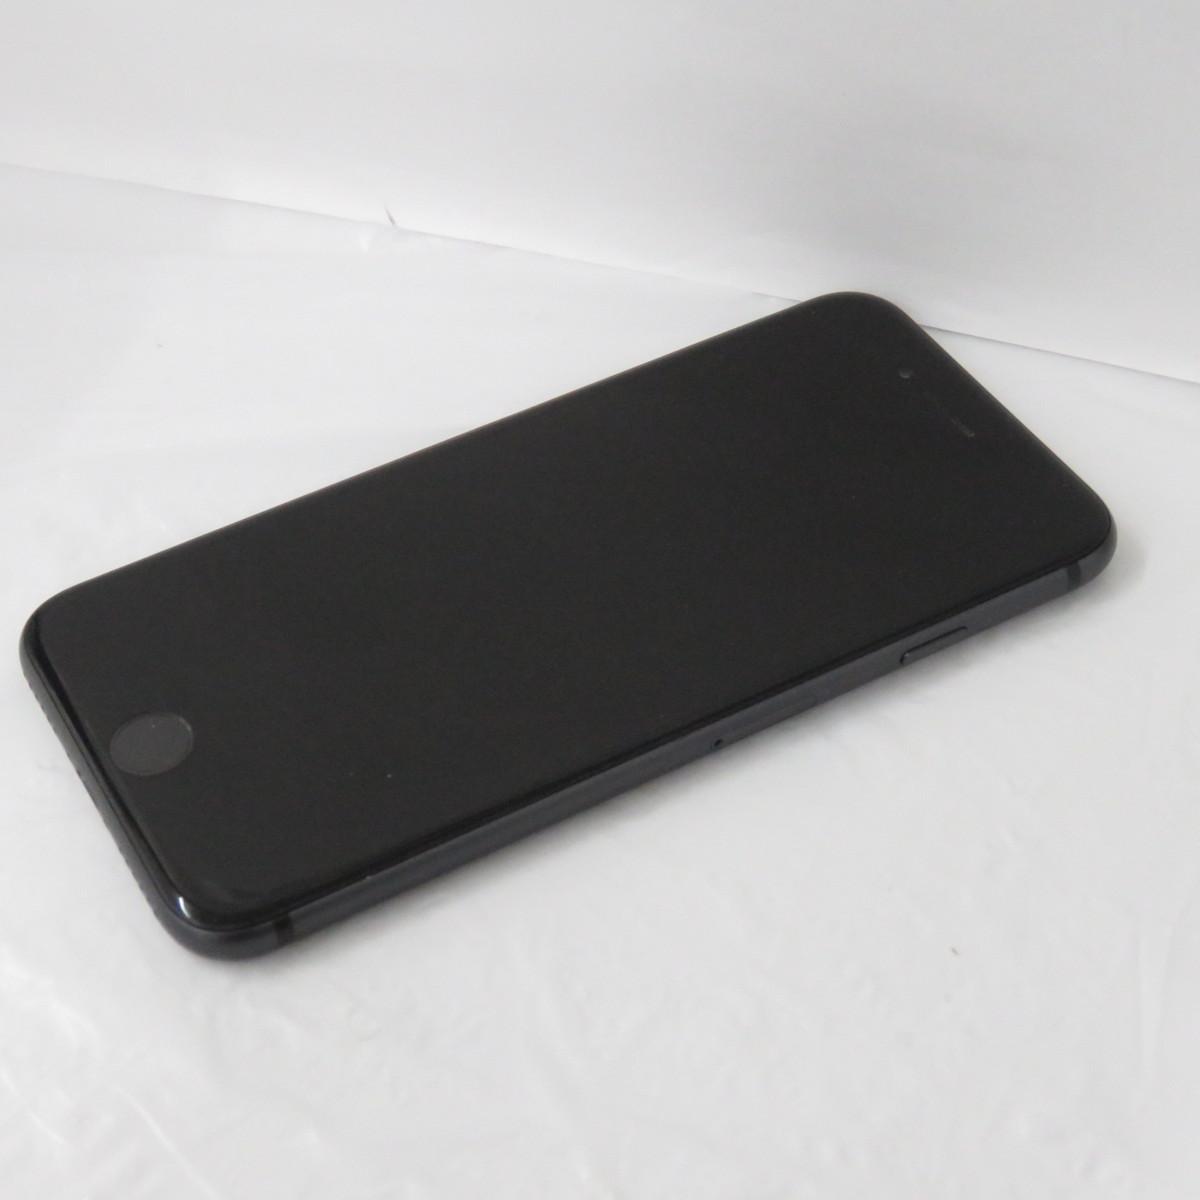 1円~【中古品】au エーユー スマートフォン Apple iPhone 8 64GB MQ782J/A スペースグレイ 判定○ ※SIMロック解除済み 991110931